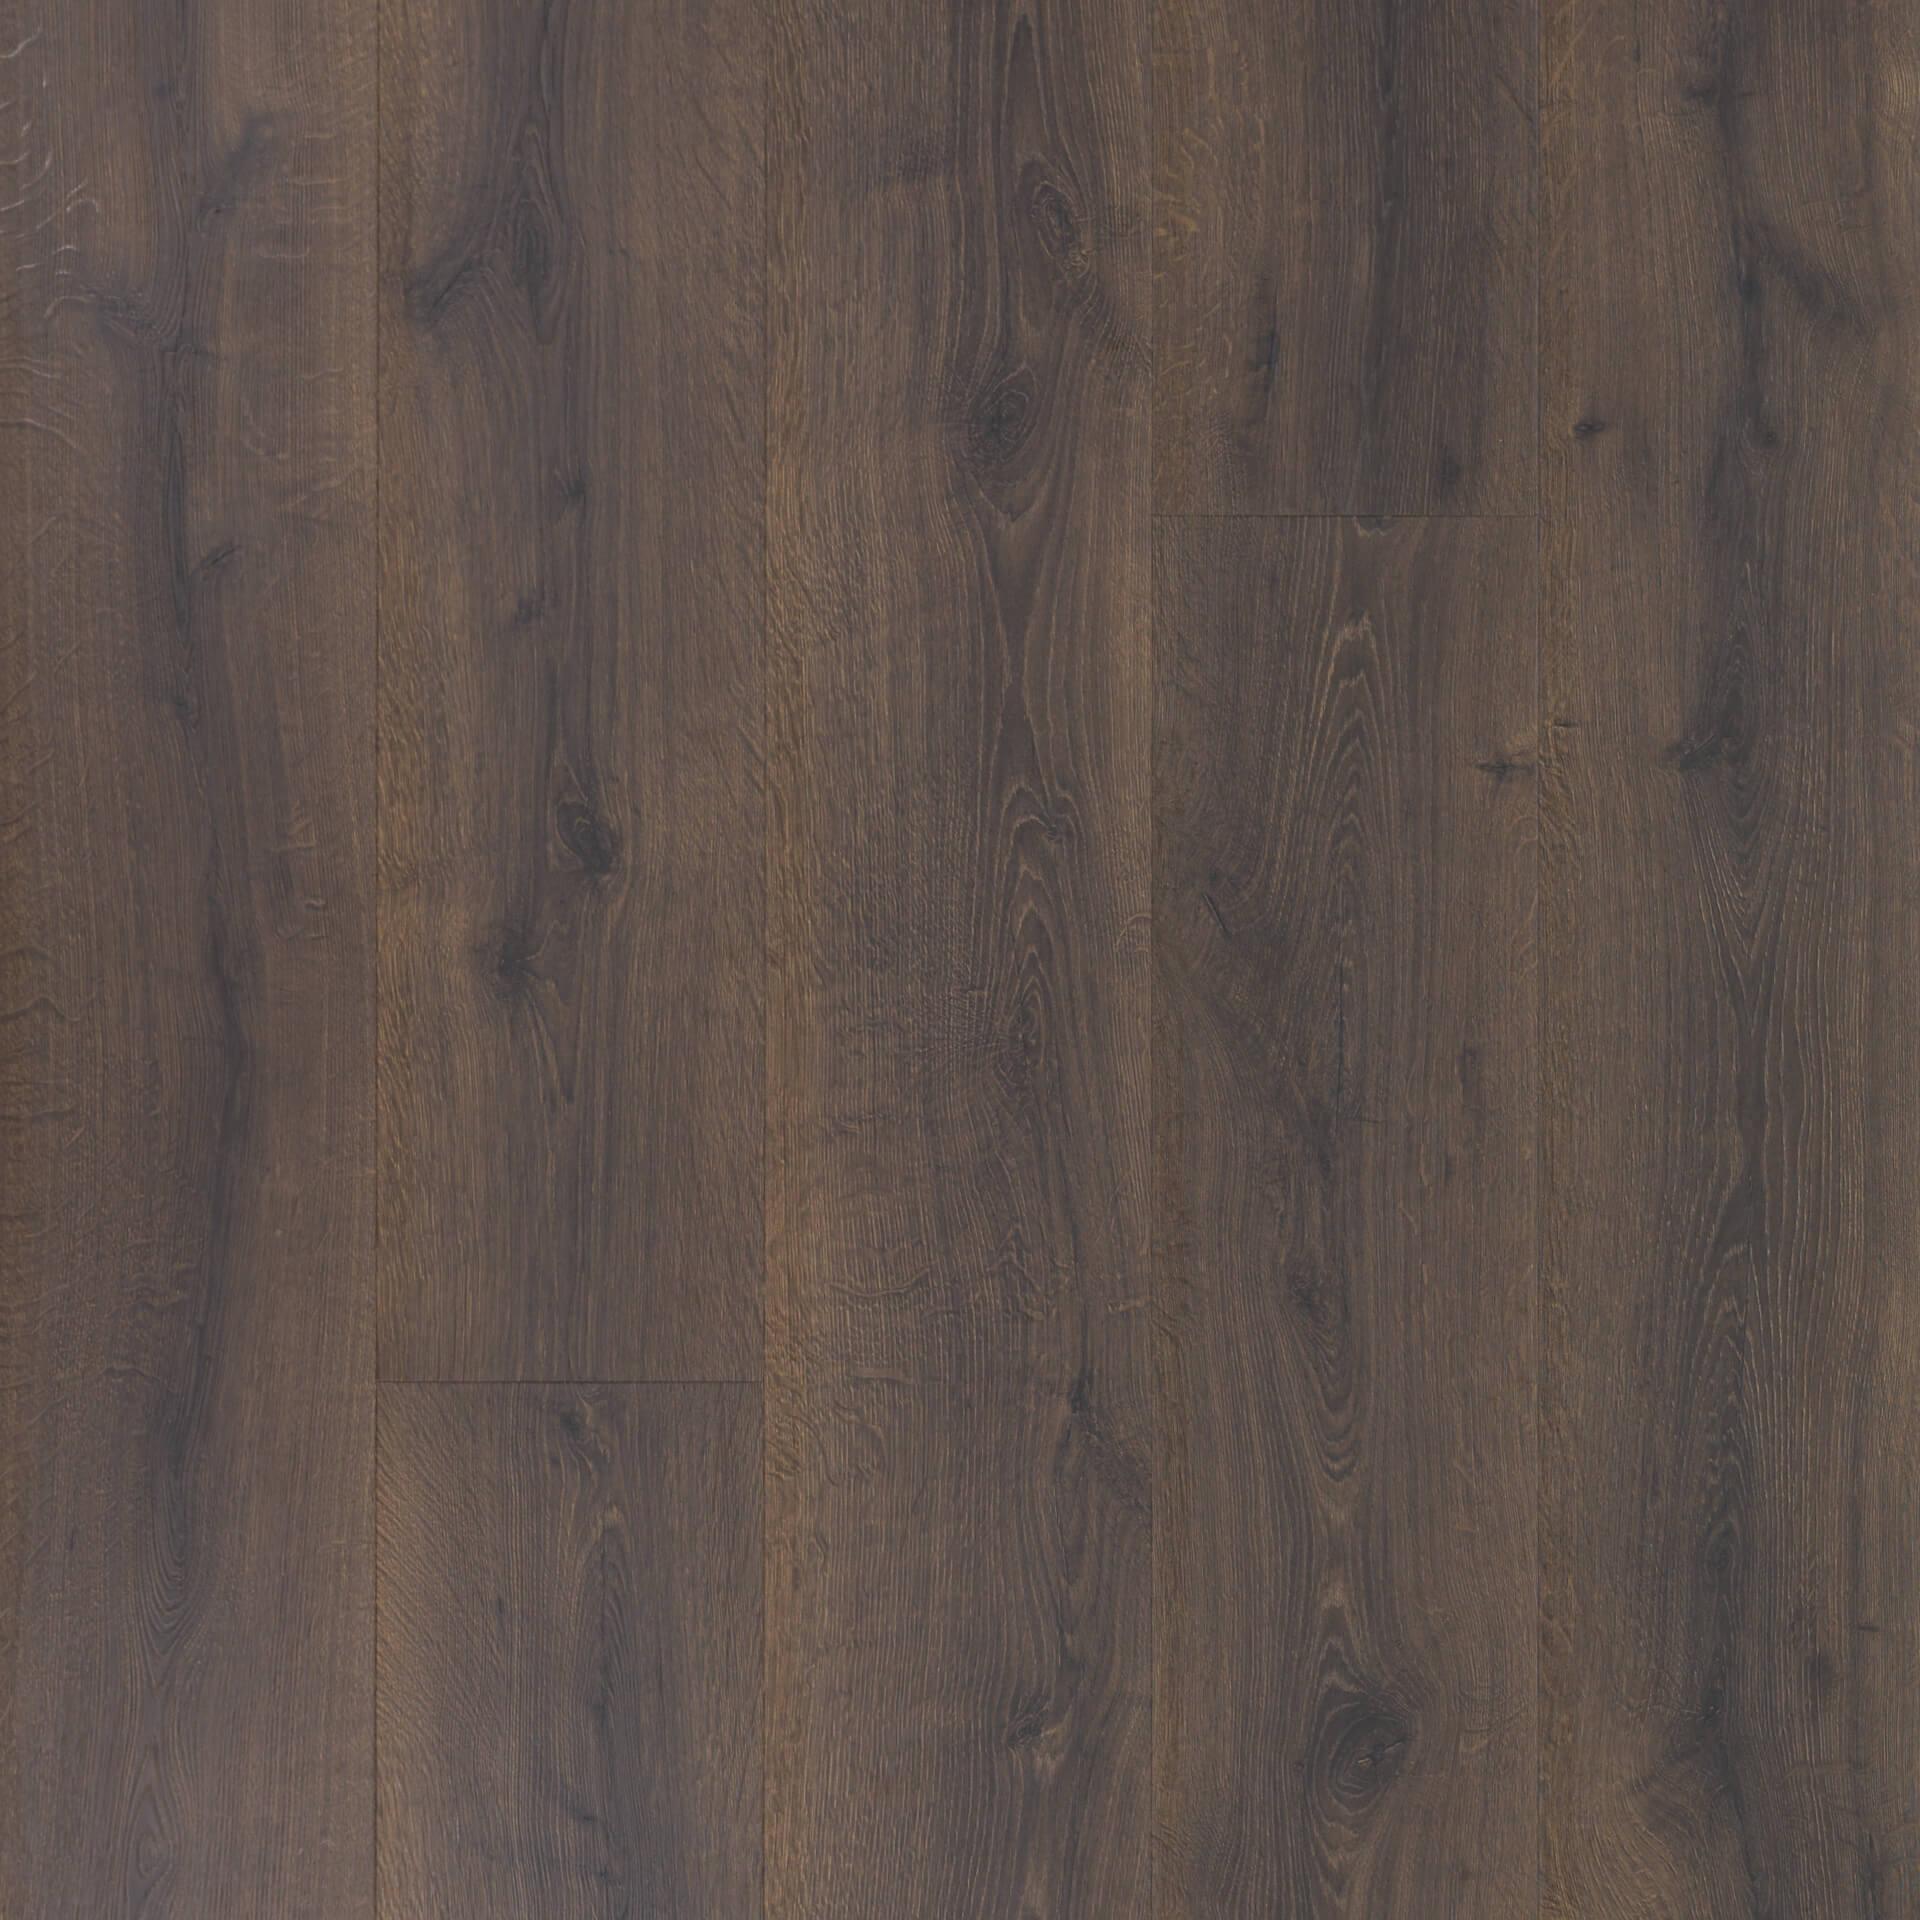 Eclipse Oak Colossia Collection Laminate